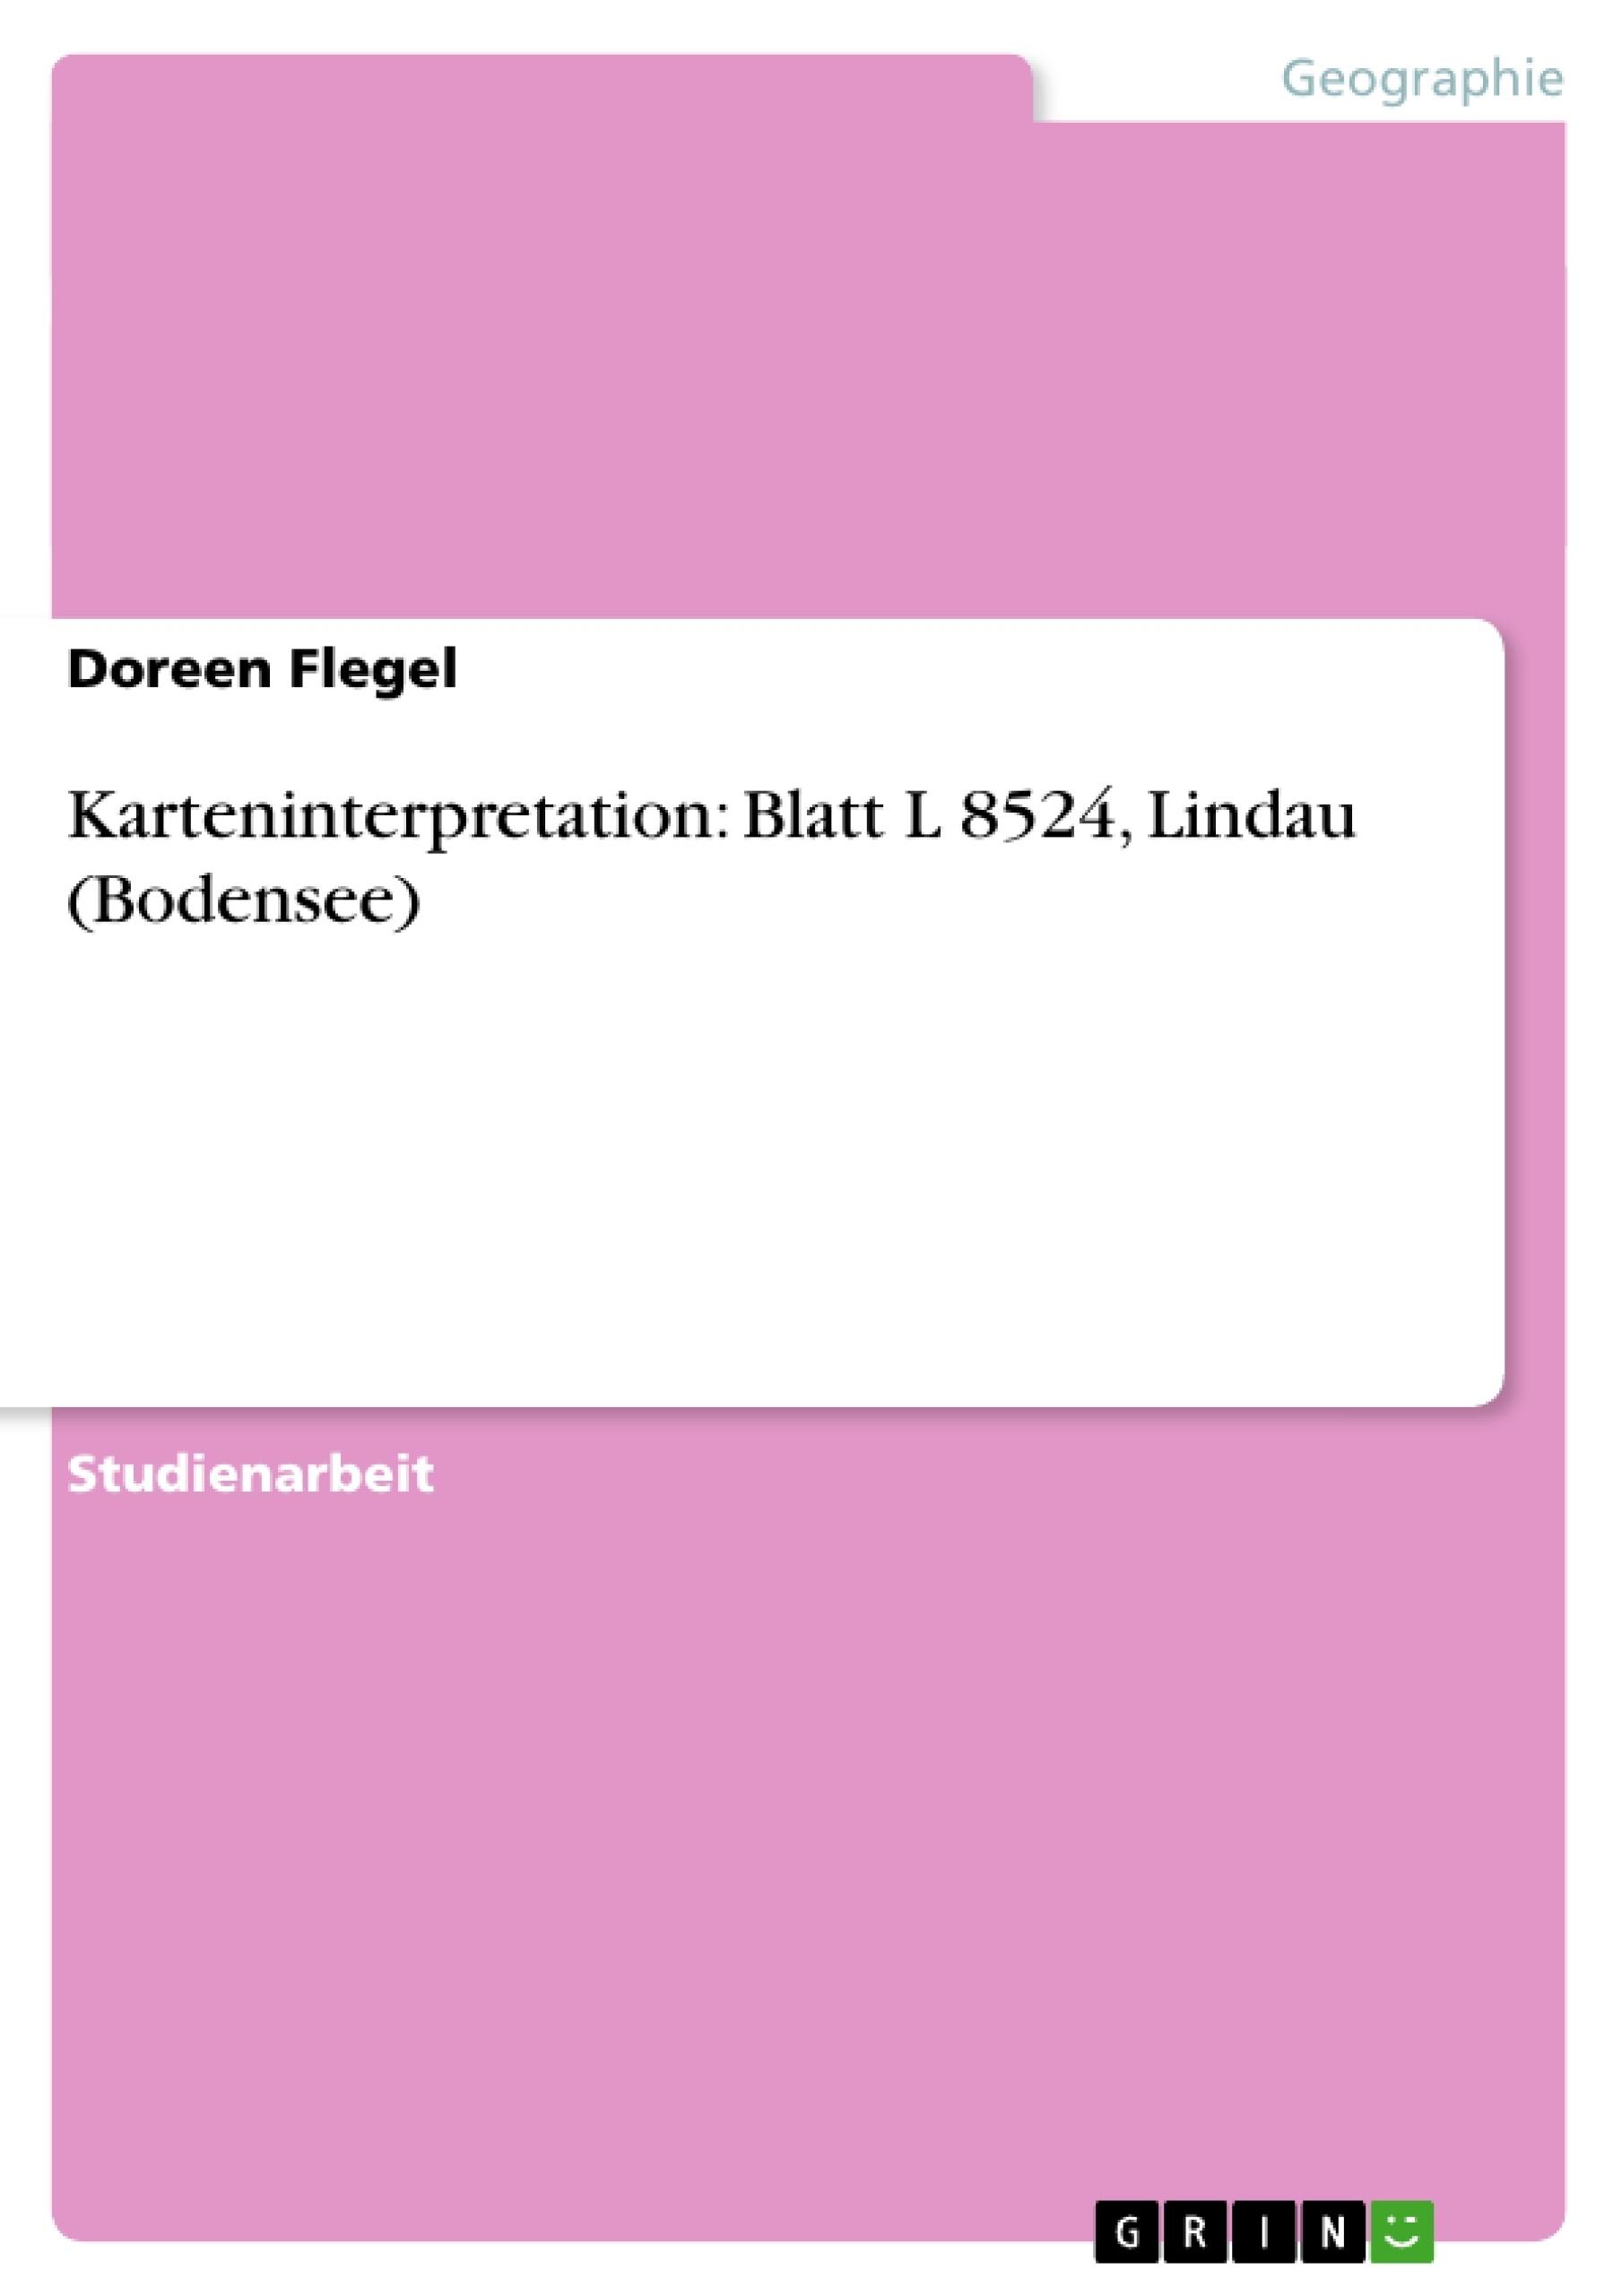 Titel: Karteninterpretation: Blatt L 8524, Lindau (Bodensee)